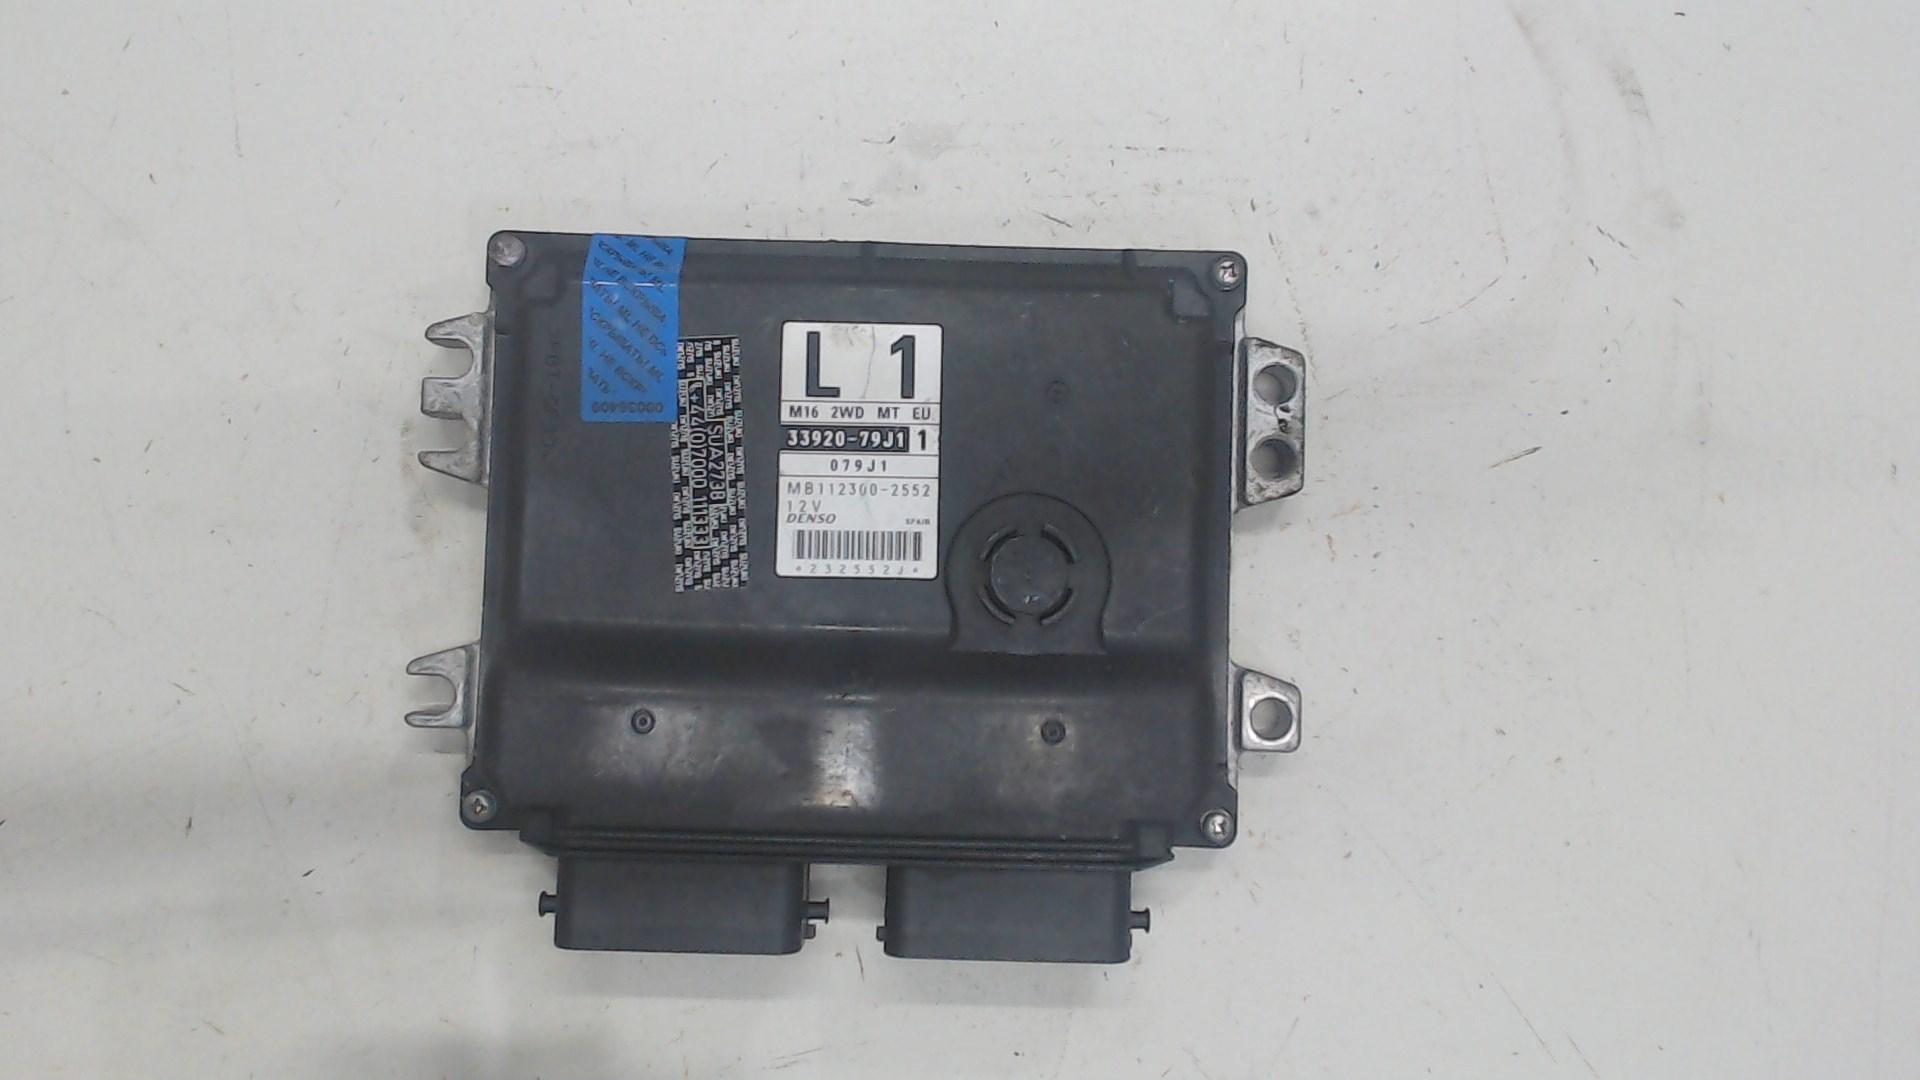 Блок управления (другие) Suzuki SX4 1 3392079J1 / 1123002552